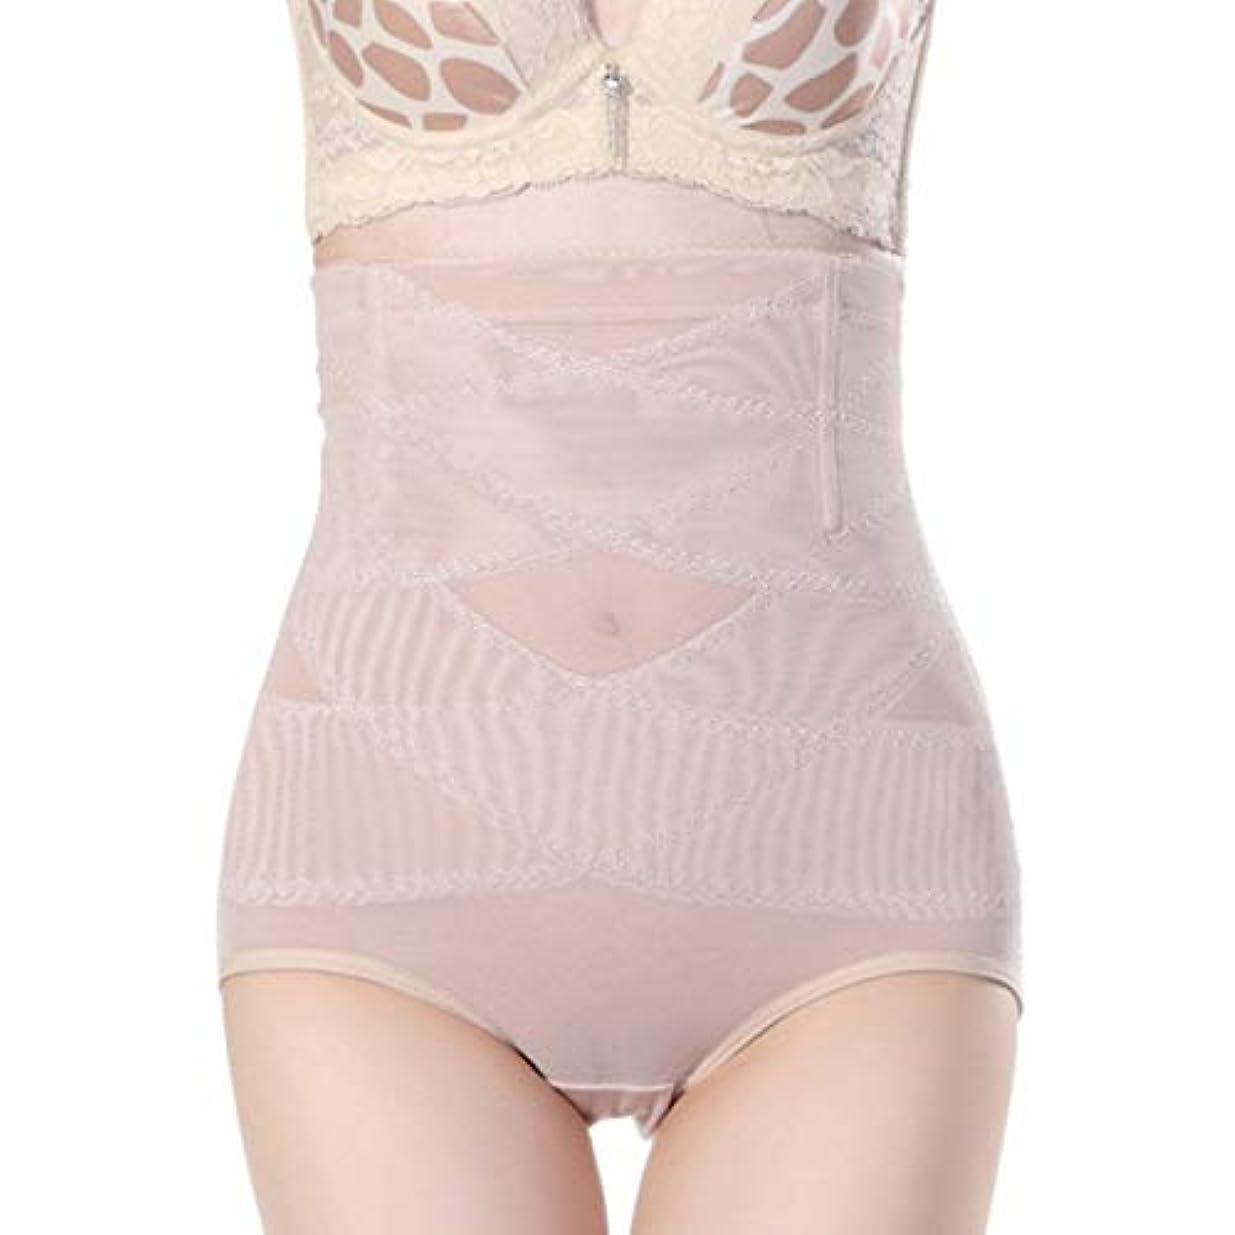 タイプ美徳観察腹部制御下着シームレスおなかコントロールパンティーバットリフターボディシェイパーを痩身通気性のハイウエストの女性 - 肌色M